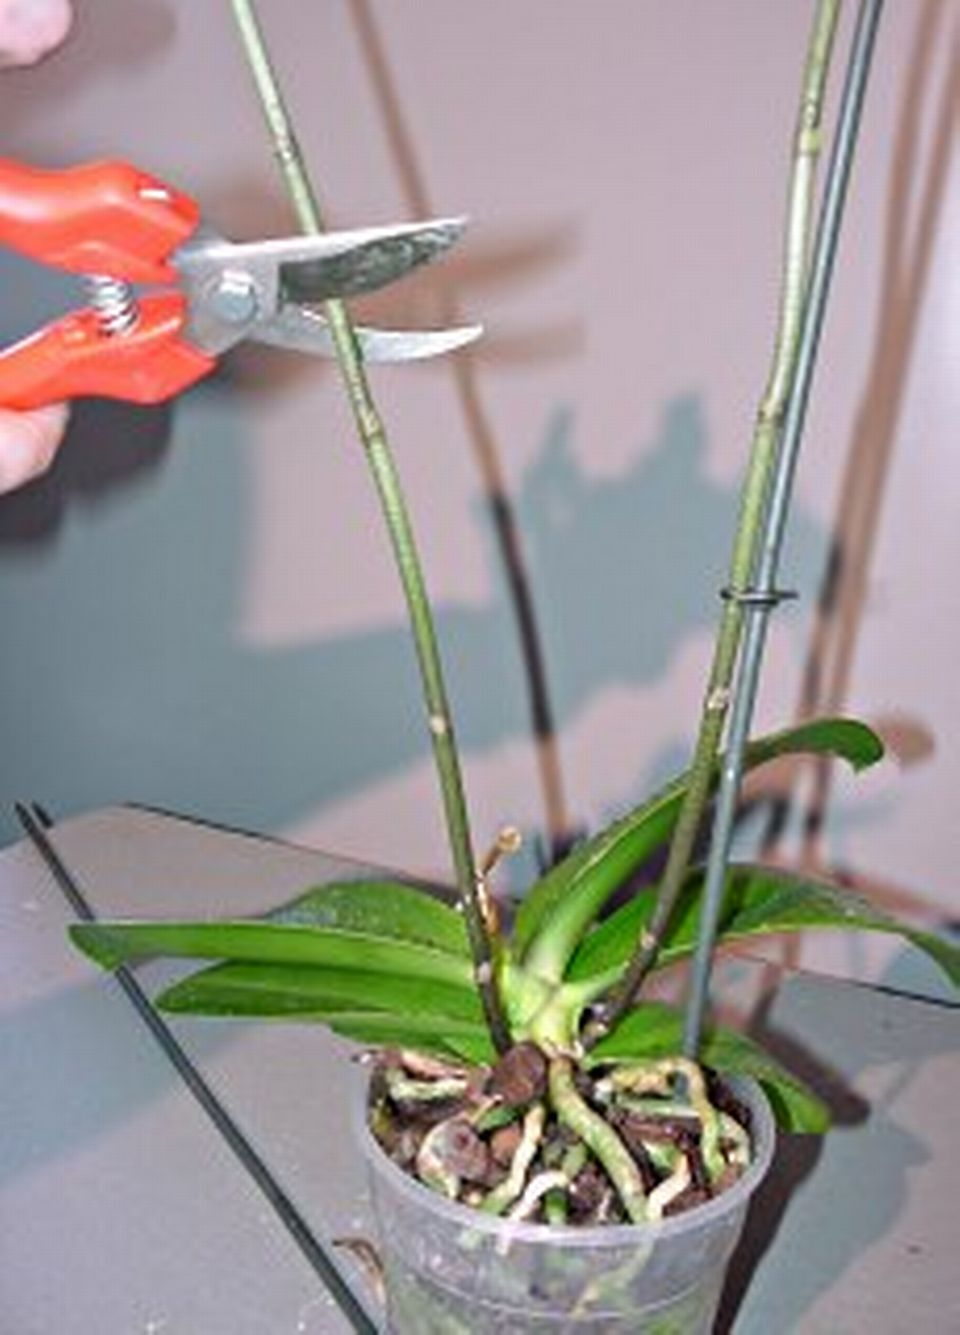 Les orchid es coupe de la hampe florale 25 avril 2010 - Doit on couper les tiges des orchidees ...